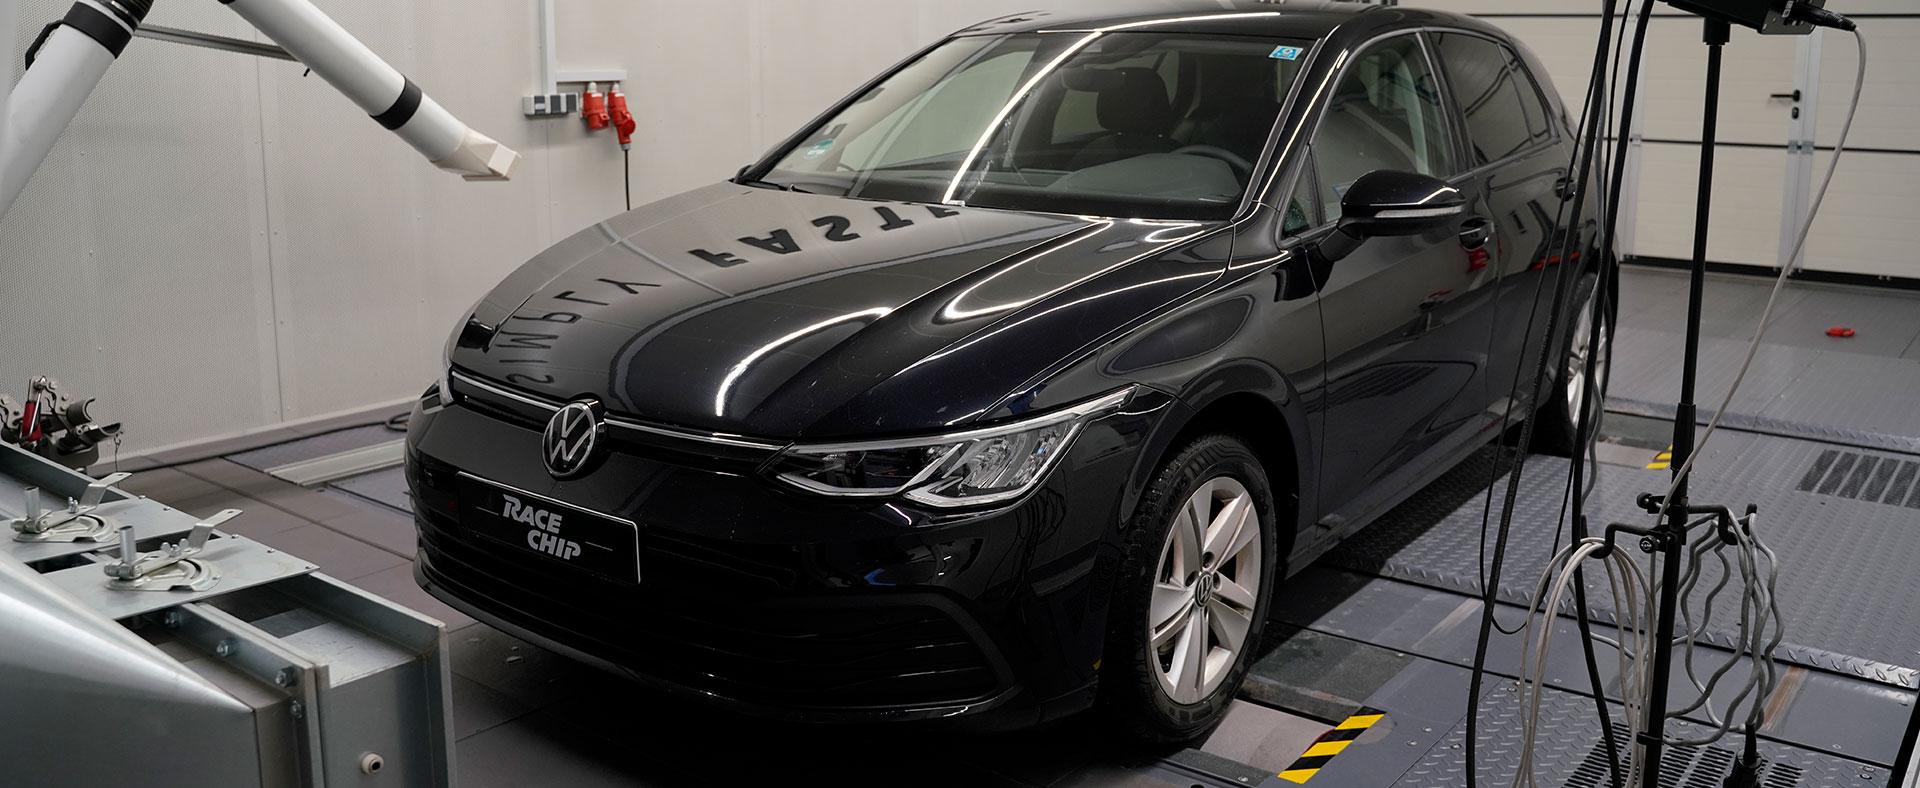 VW T6.1 Multivan Chiptuning – Kann ein Familienauto überhaupt schnell sein?